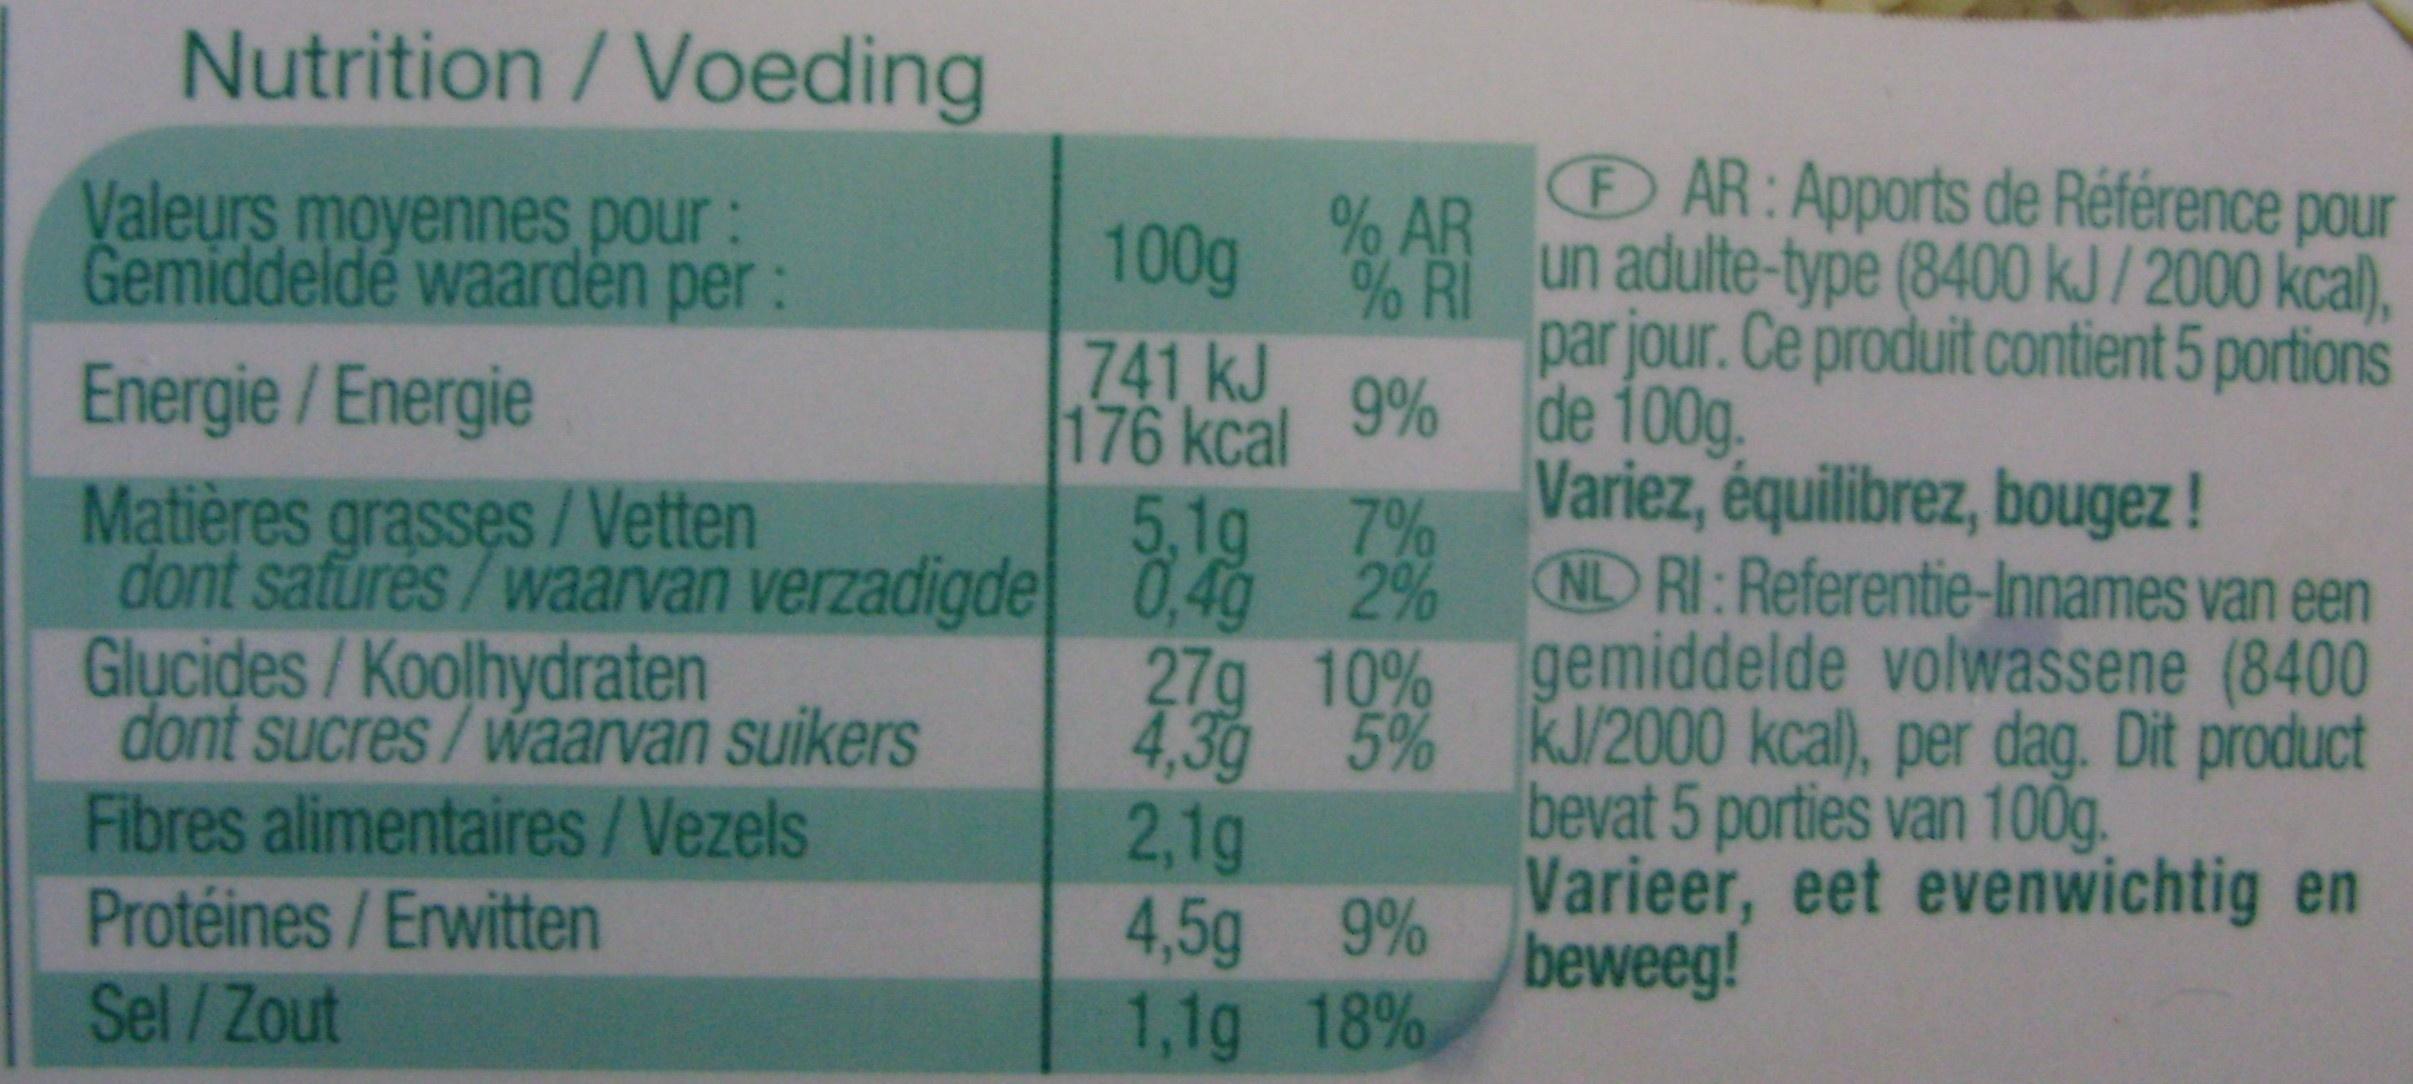 Taboulé oriental - Informations nutritionnelles - fr